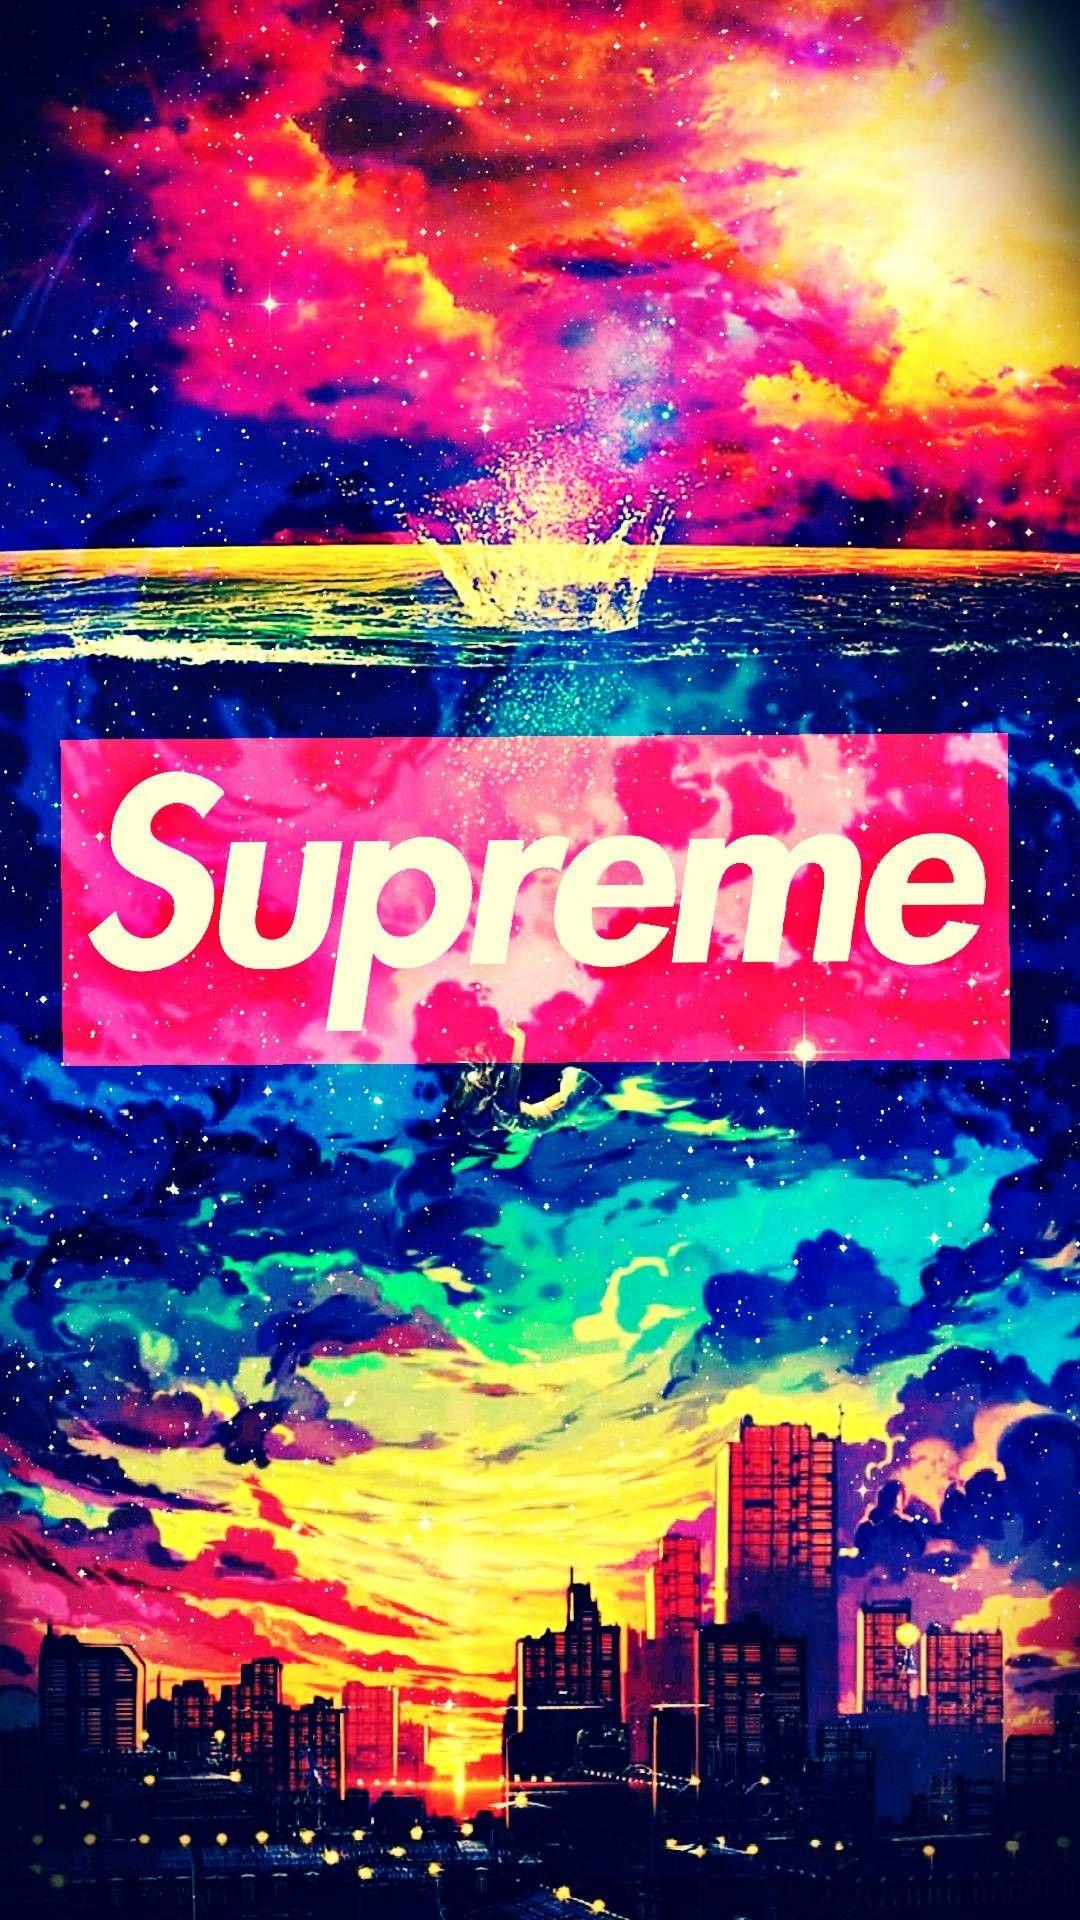 Pin By Kate Beard On Supreme Supreme Wallpaper Supreme Iphone Wallpaper Supreme Wallpaper Hd